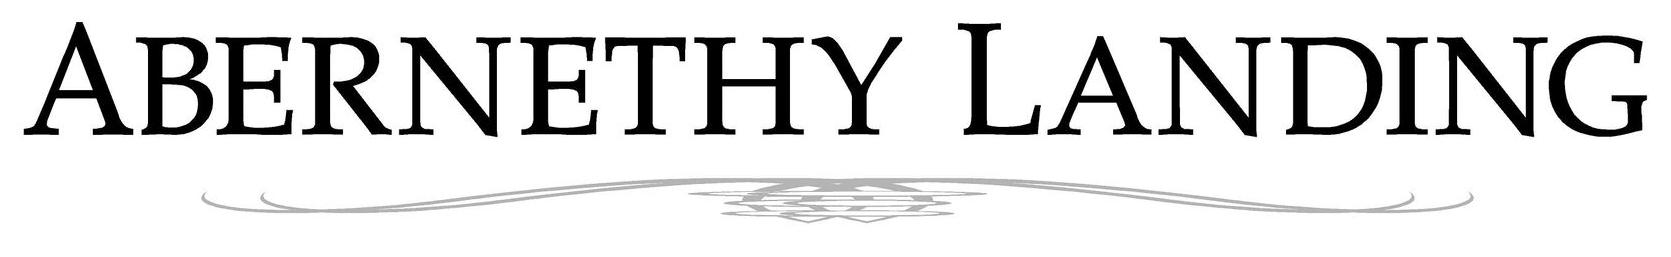 Abernethy Landing Logo_preview.jpeg